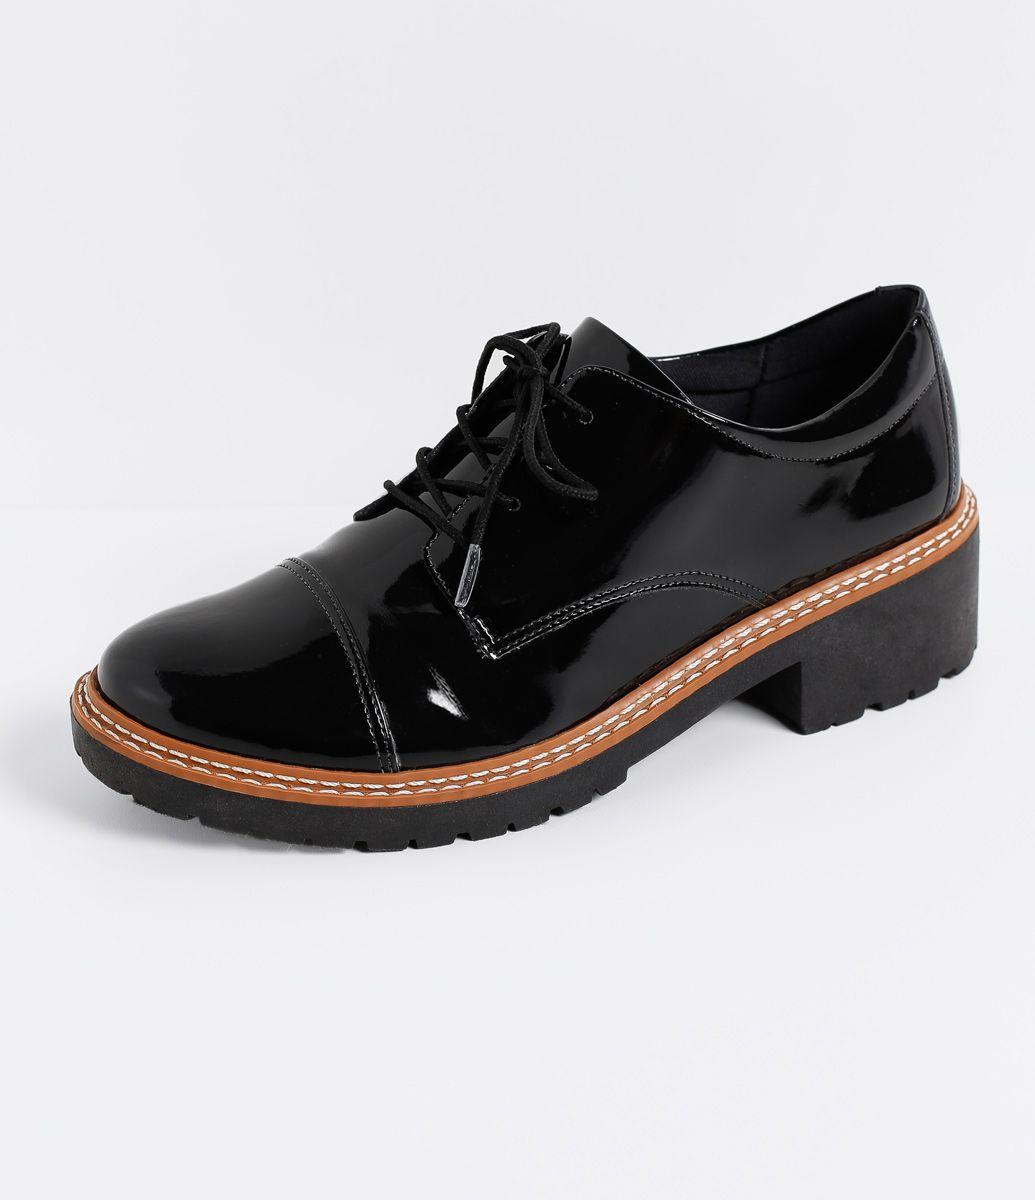 dfd27670f5 Sapato Feminino Modelo  Oxford Em verniz Sola tratorada de 4cm Marca   Satinato Material  Sintético COLEÇÃO VERÃO 2017.